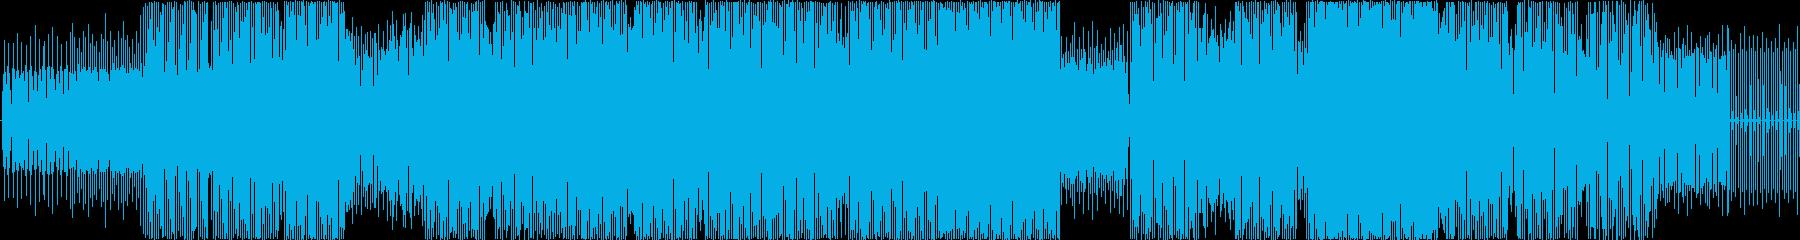 シンセベースフレーズが倍増、反復的...の再生済みの波形